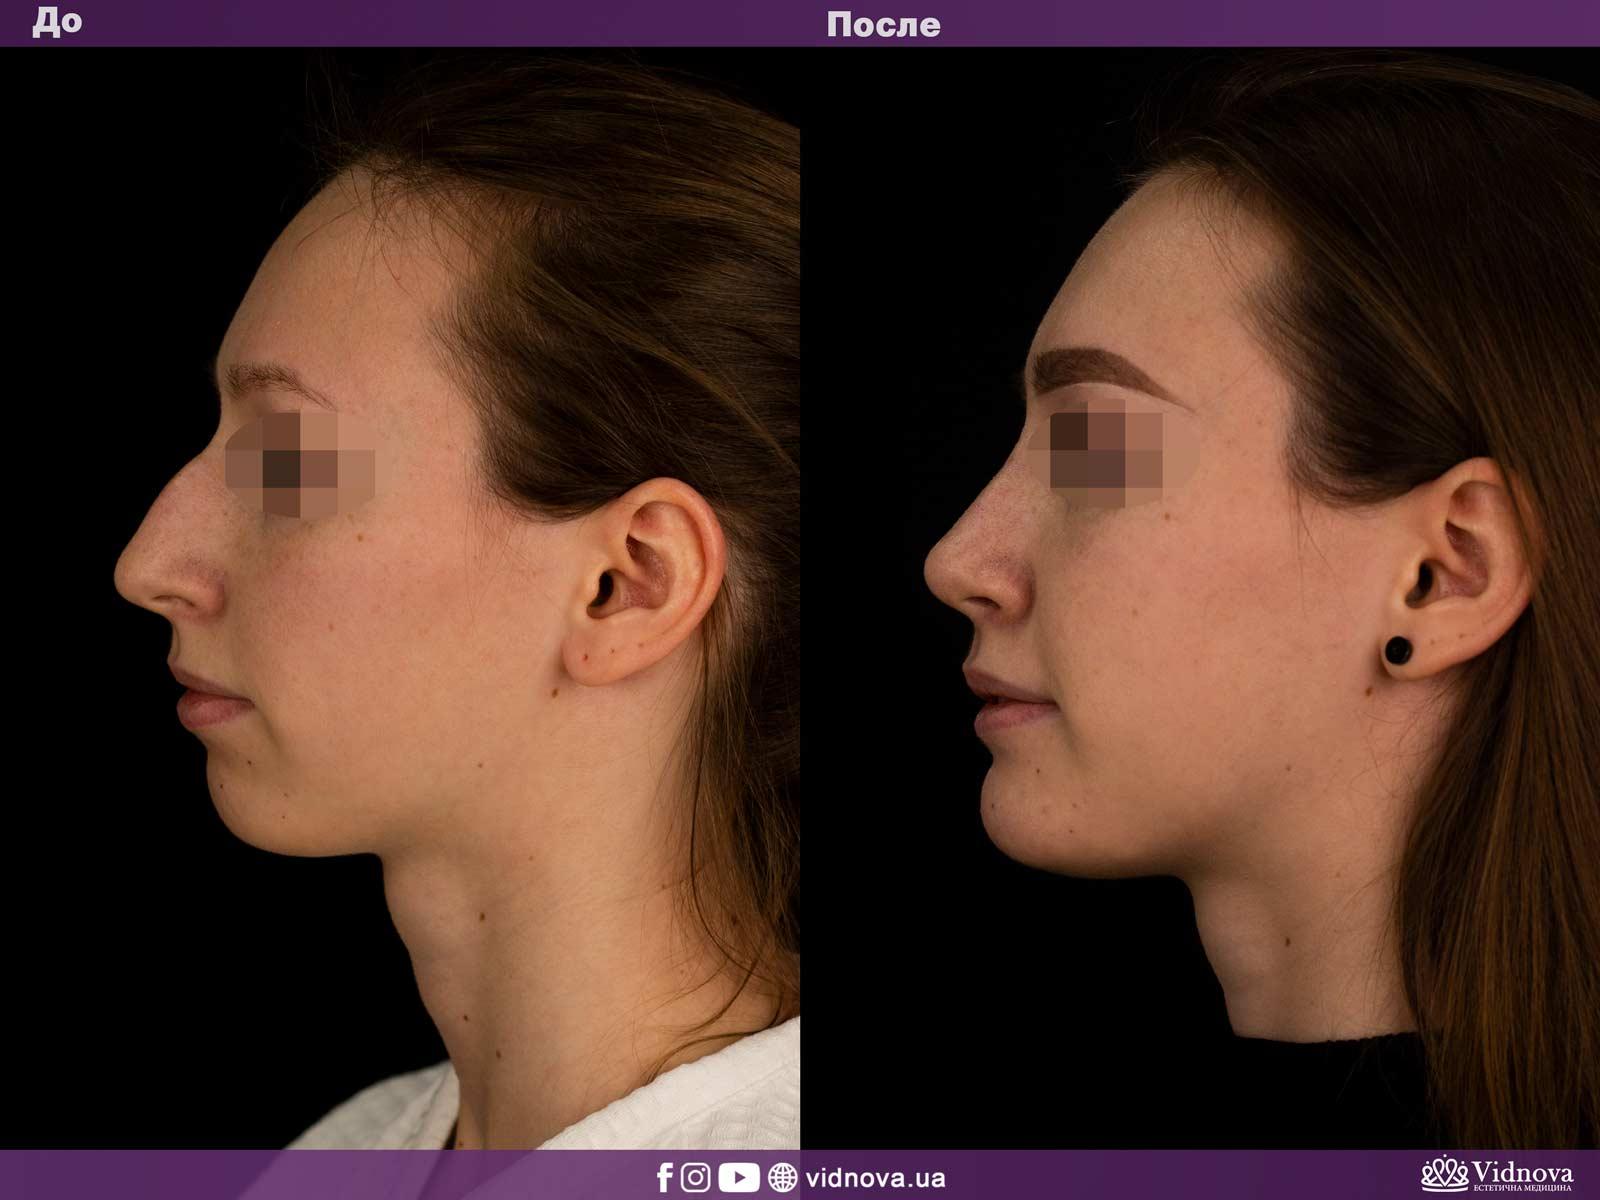 Ринопластика: Фото ДО и ПОСЛЕ - Пример №1-3 - Клиника Vidnova